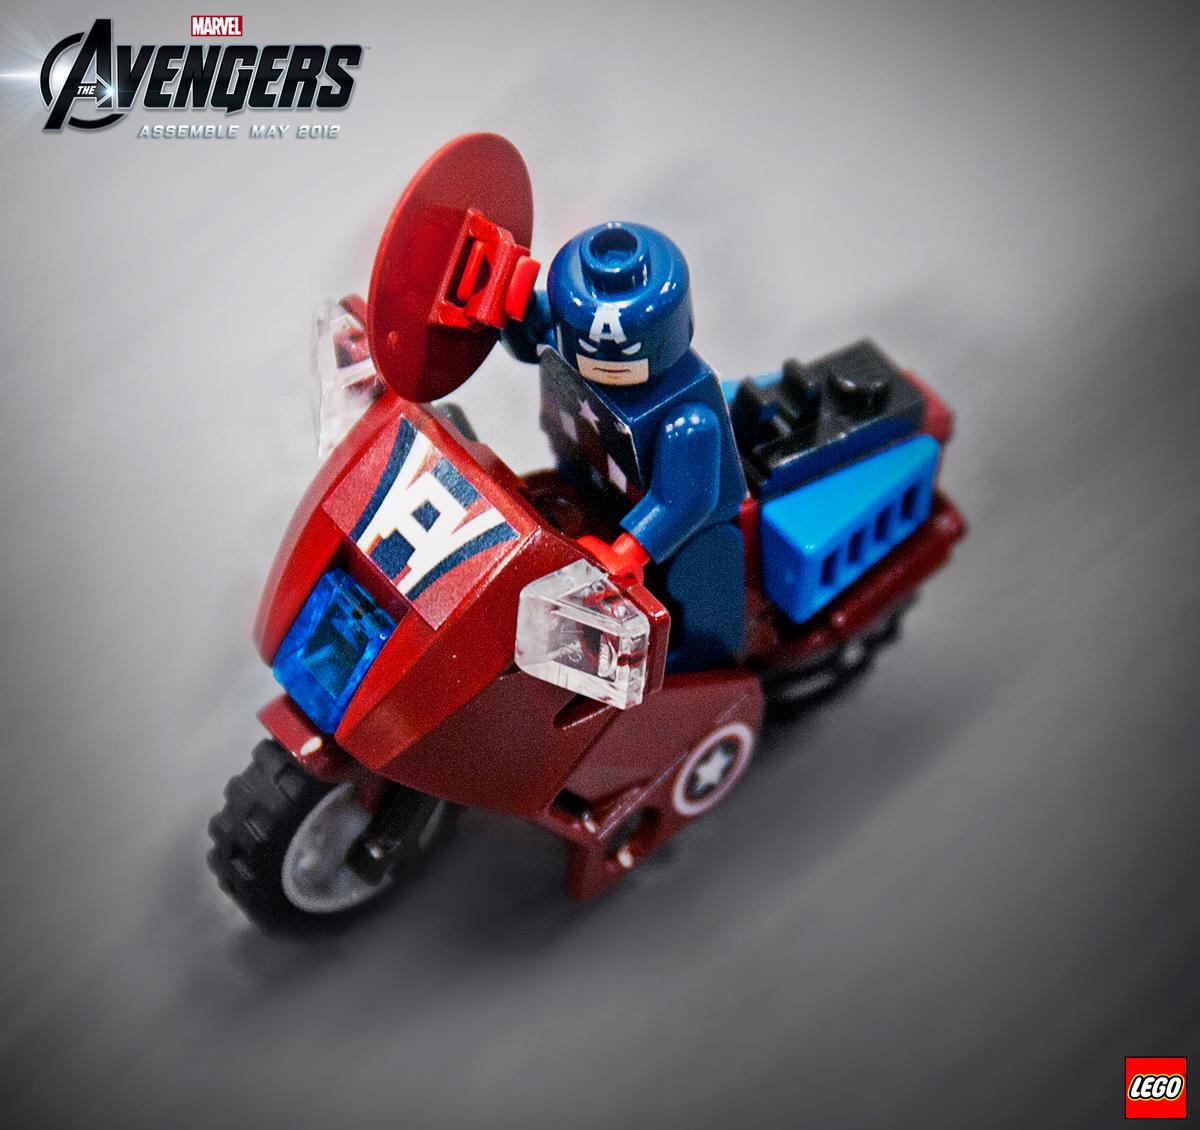 Lego Marvel Toys : The blot says marvel lego avengers movie sets